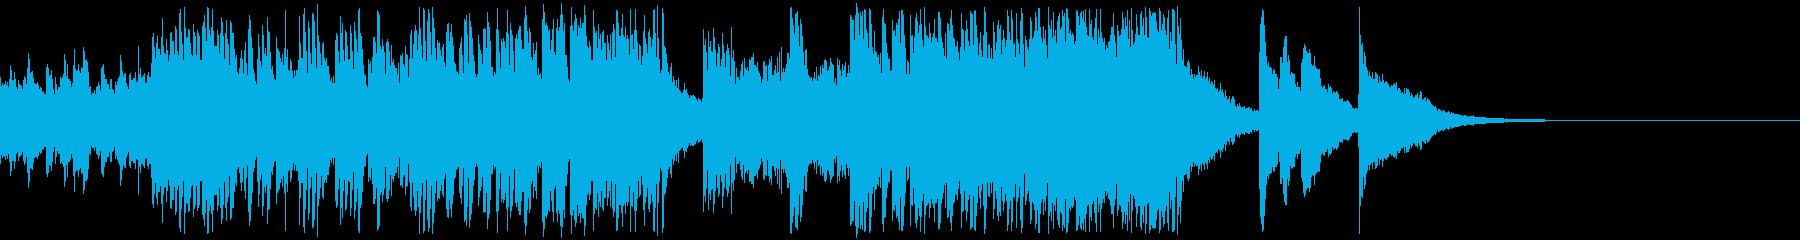 軽快なピアノの旋律が重なり合う音楽の再生済みの波形